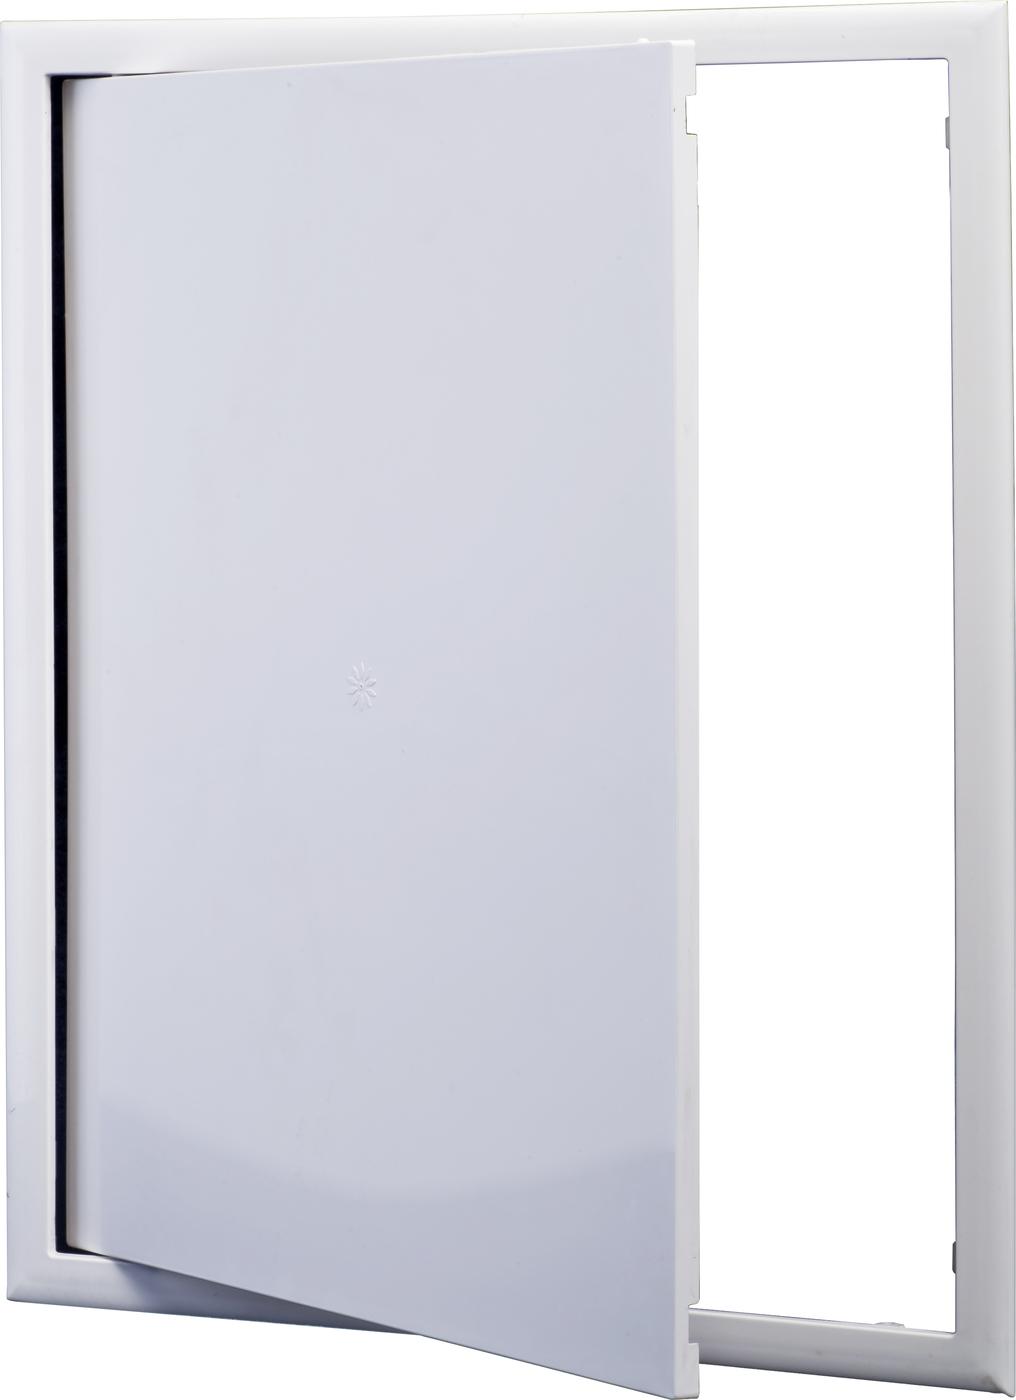 пластиковый сантехнический люк дверца фото торжестве екатерина